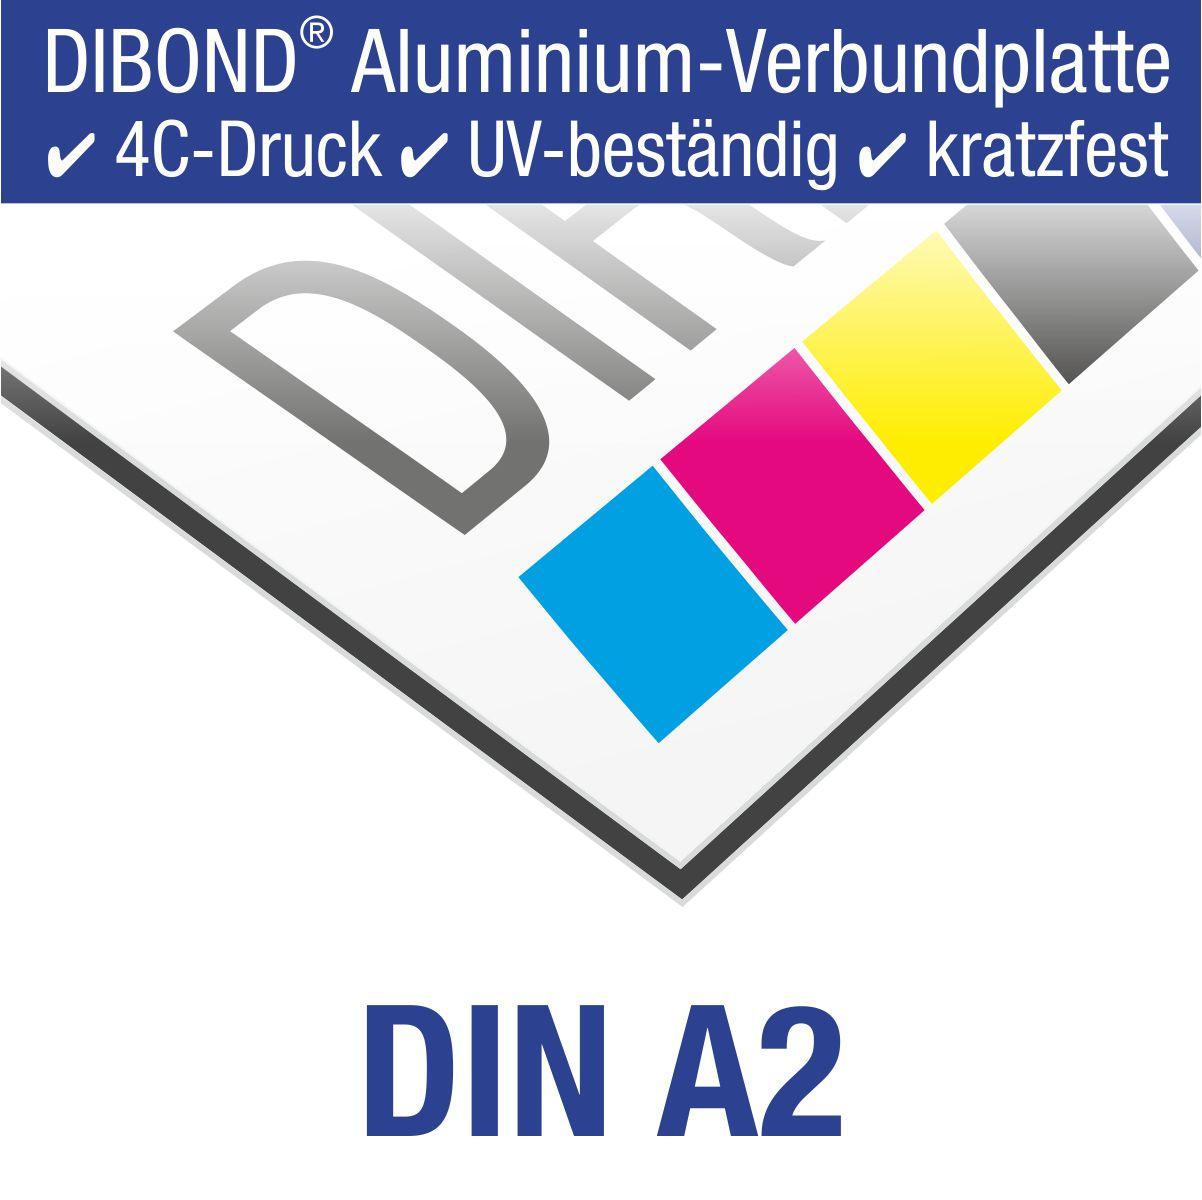 DIBOND® Schild mit 4C-Druck | DIN A2 (59,4 x 42,0 cm)